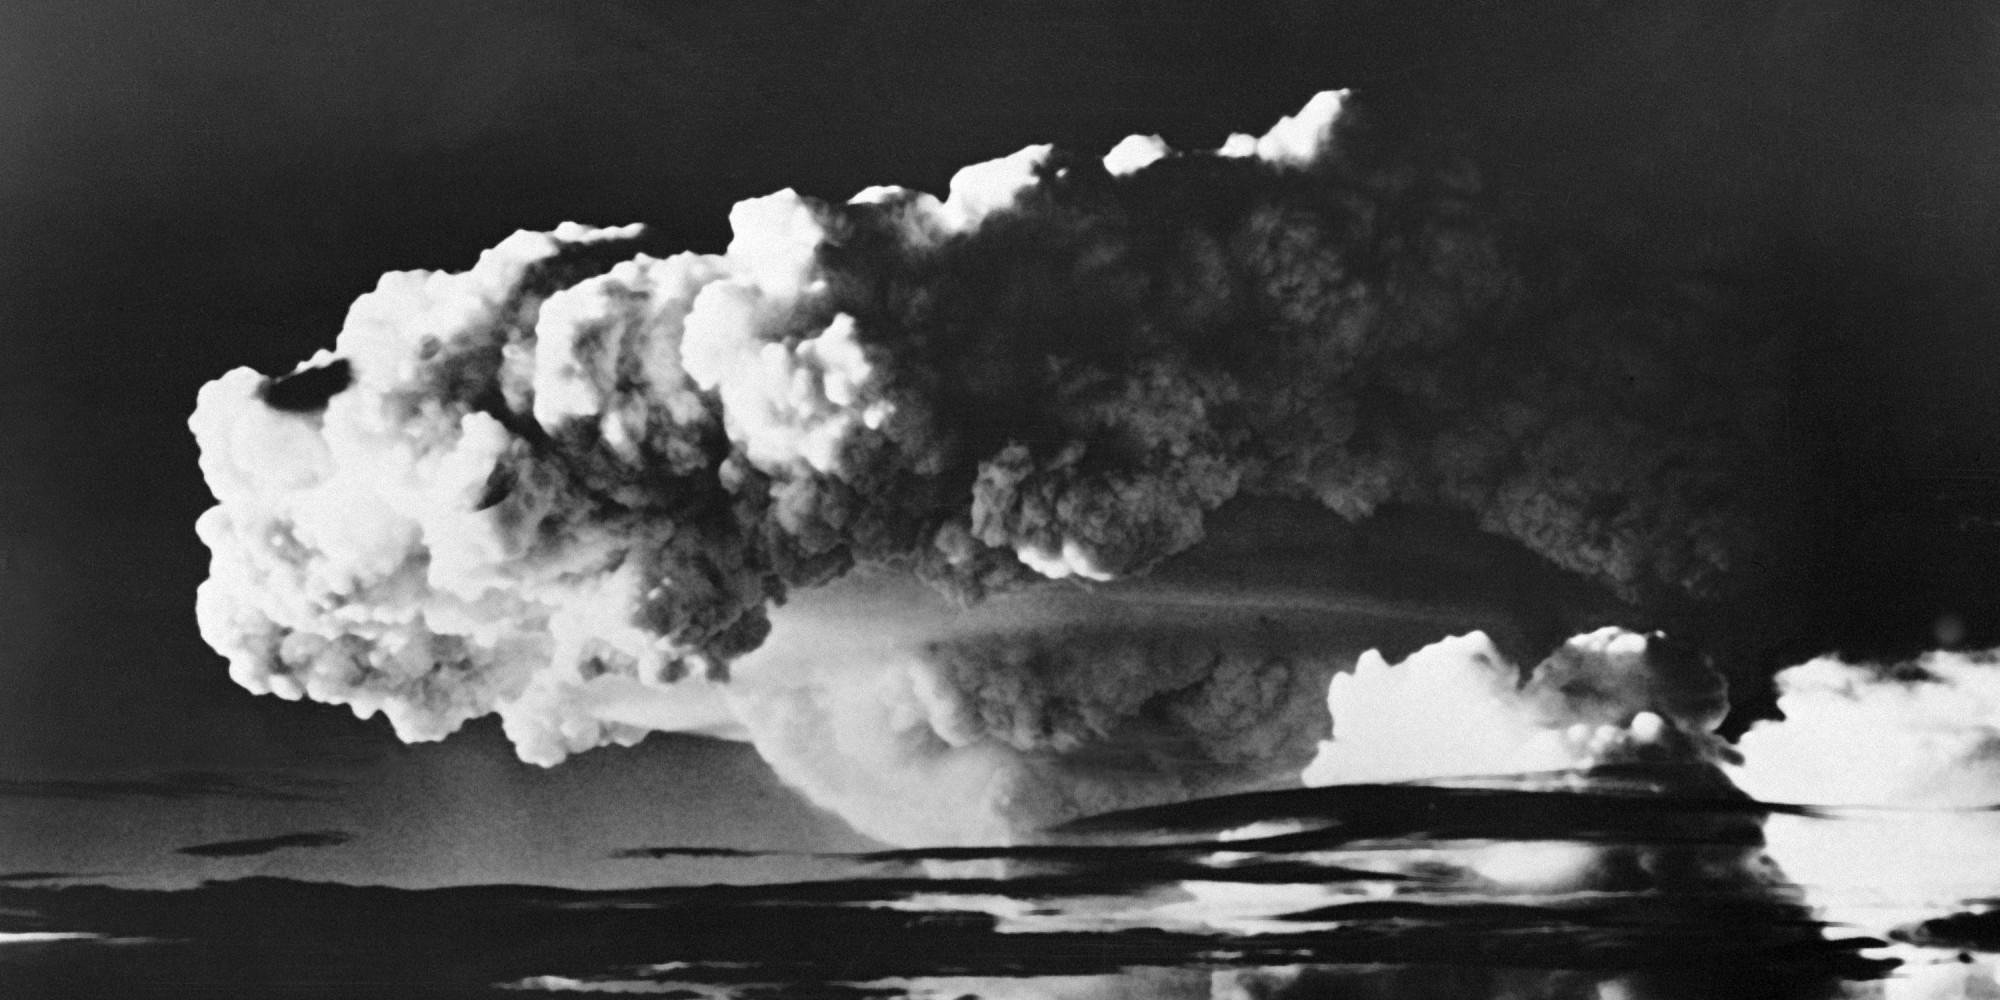 Aux Tats Unis Une Bombe Nuclaire A Failli Exploser En